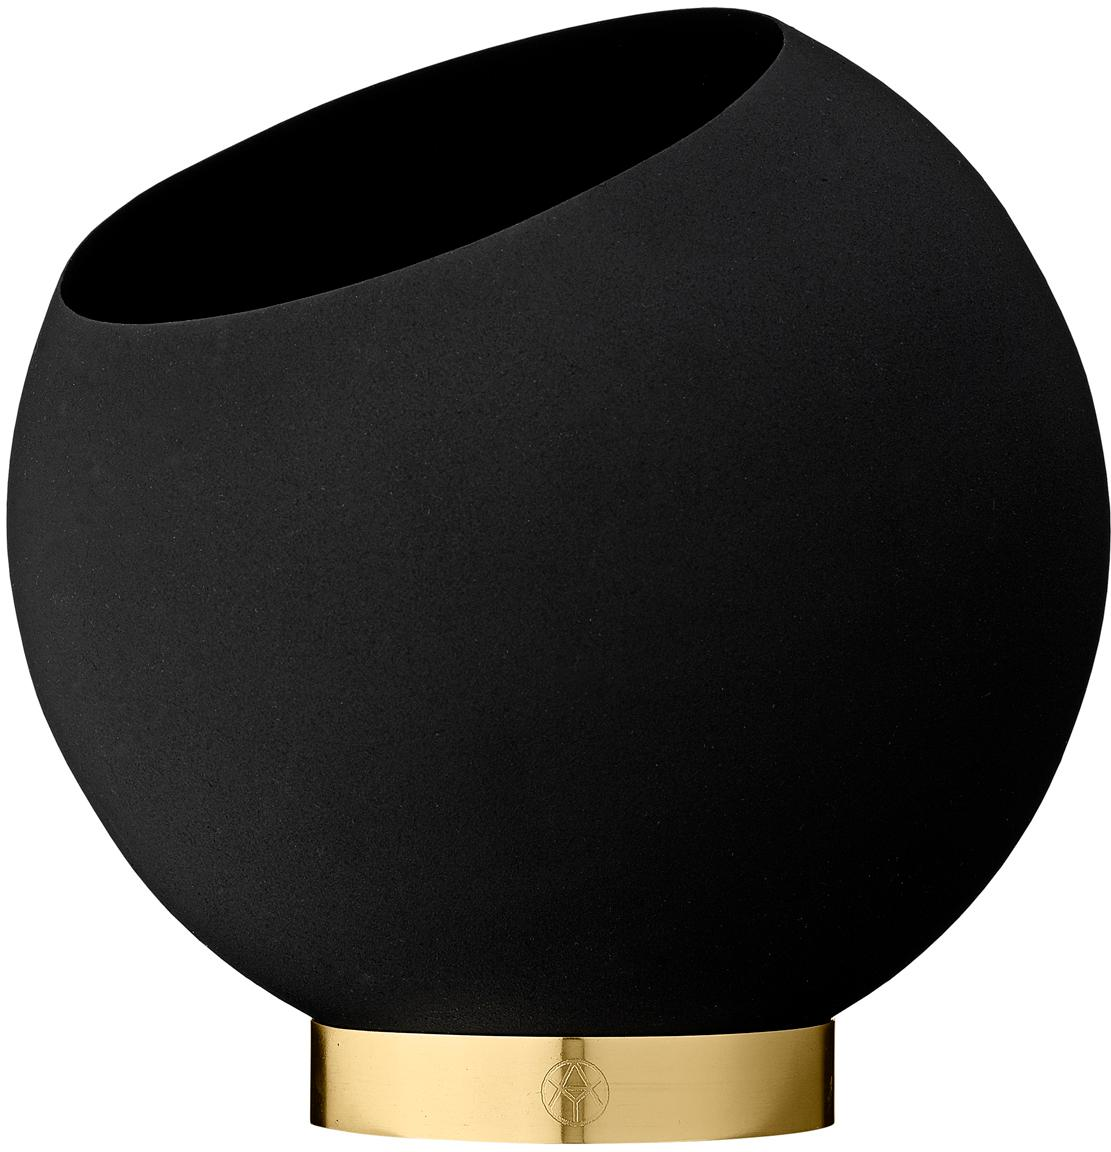 Großer Übertopf Globe aus Metall, Übertopf: Metall, pulverbeschichtet, Fuß: Edelstahl, beschichtet un, Schwarz, Ø 21 x H 19 cm